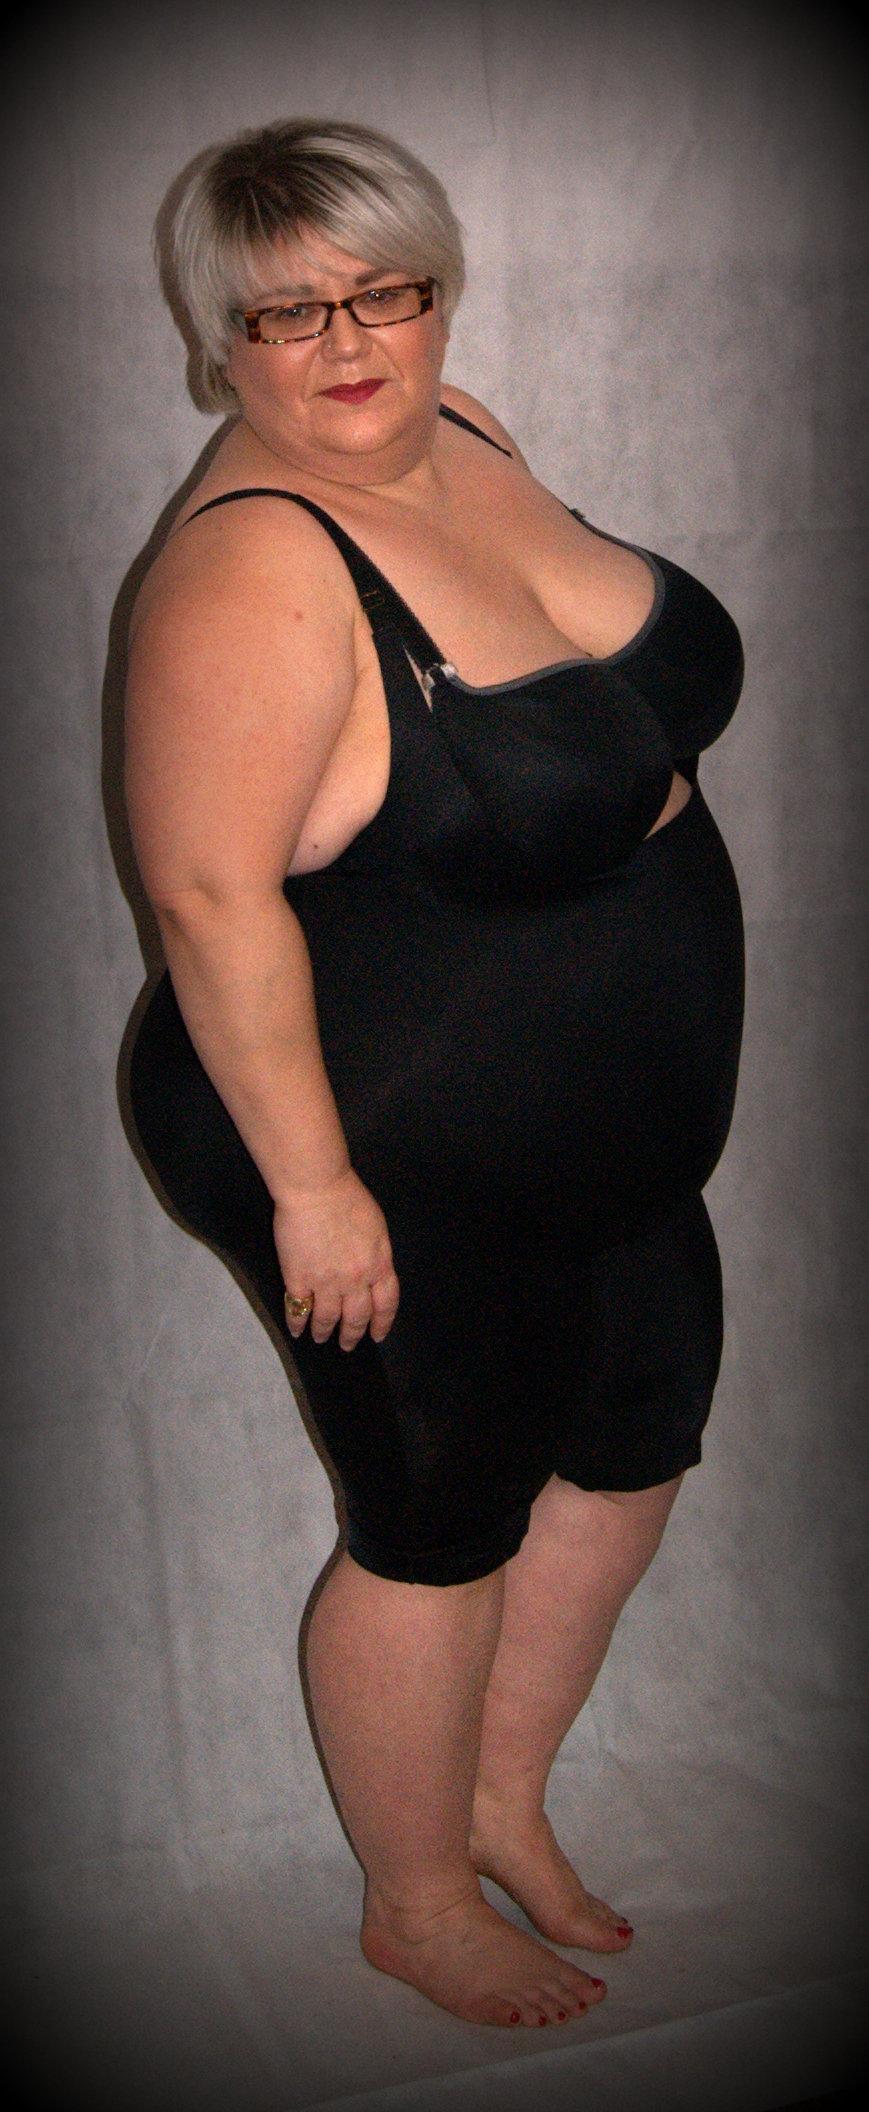 Fat mature Nude Photos 90